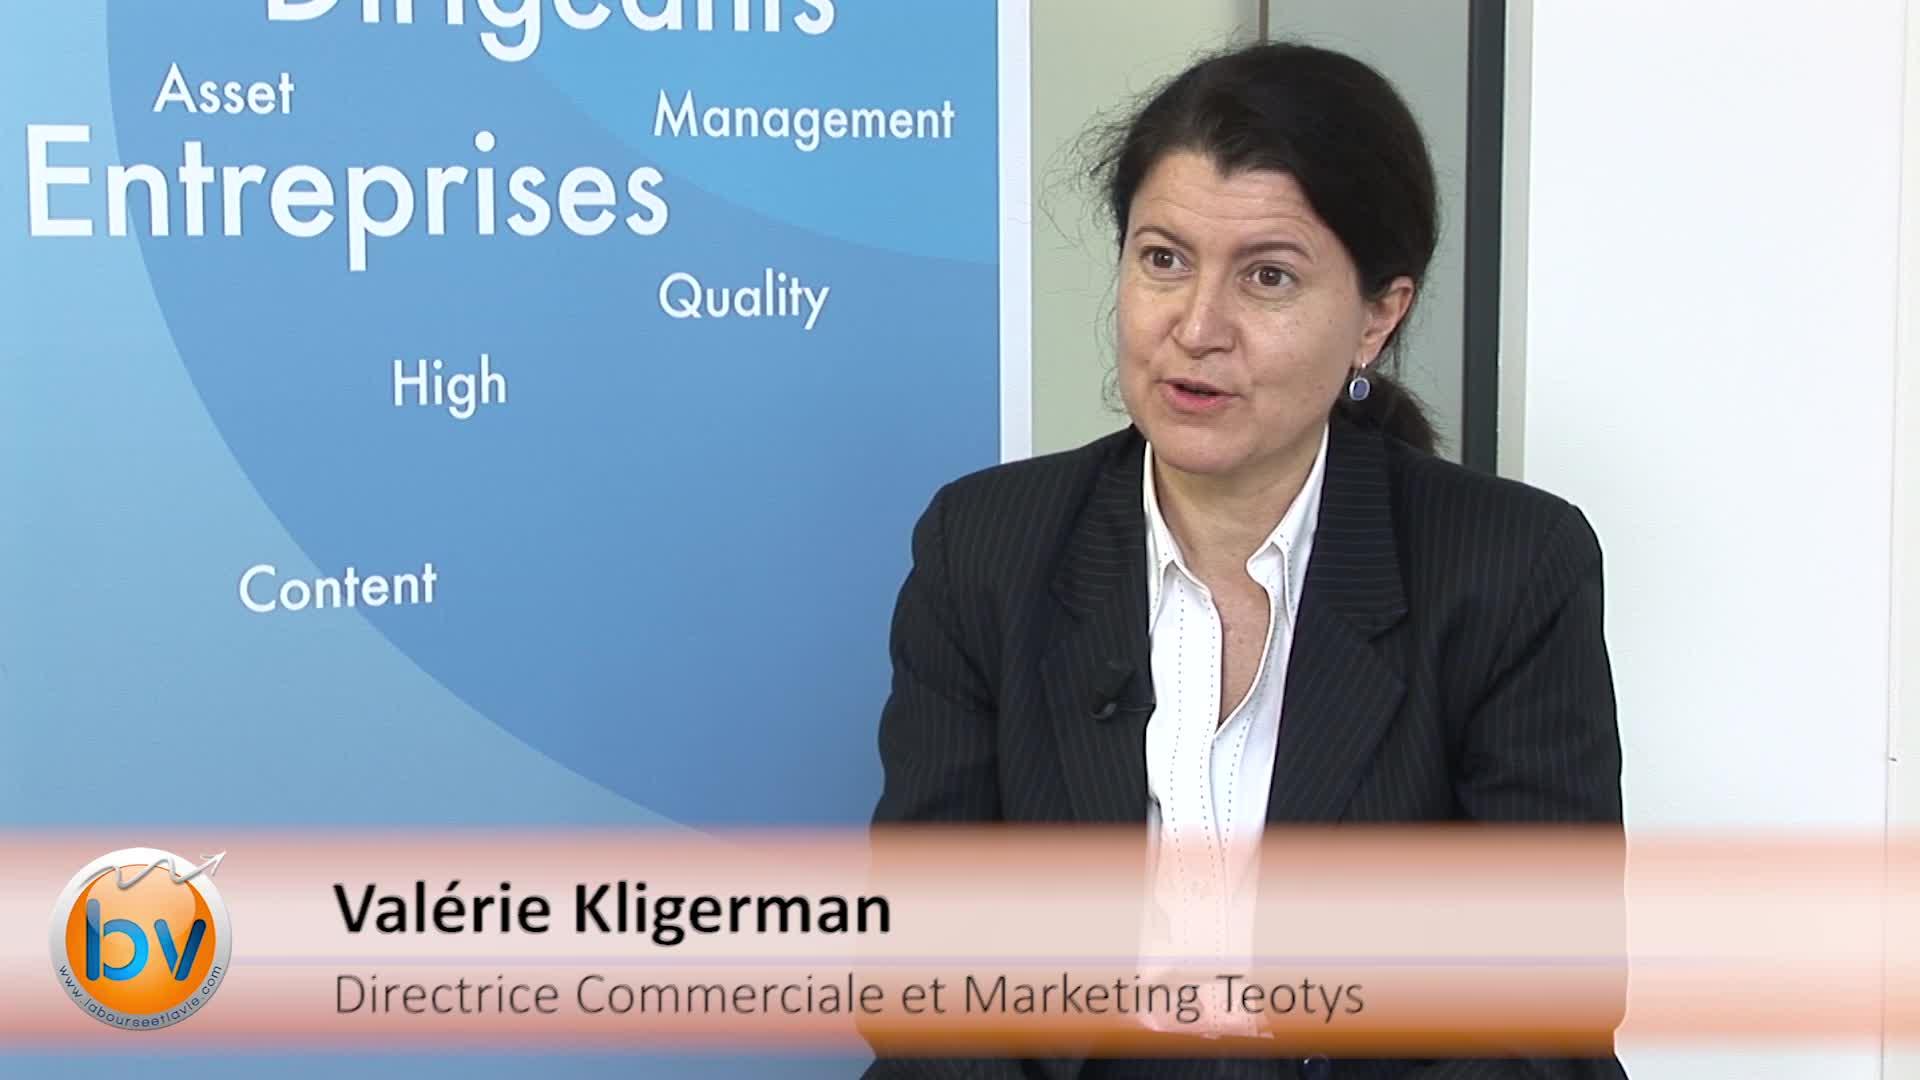 Valérie Kligerman Directrice Commerciale et Marketing Teotys : «Une nouvelle culture pour payer à l'heure»